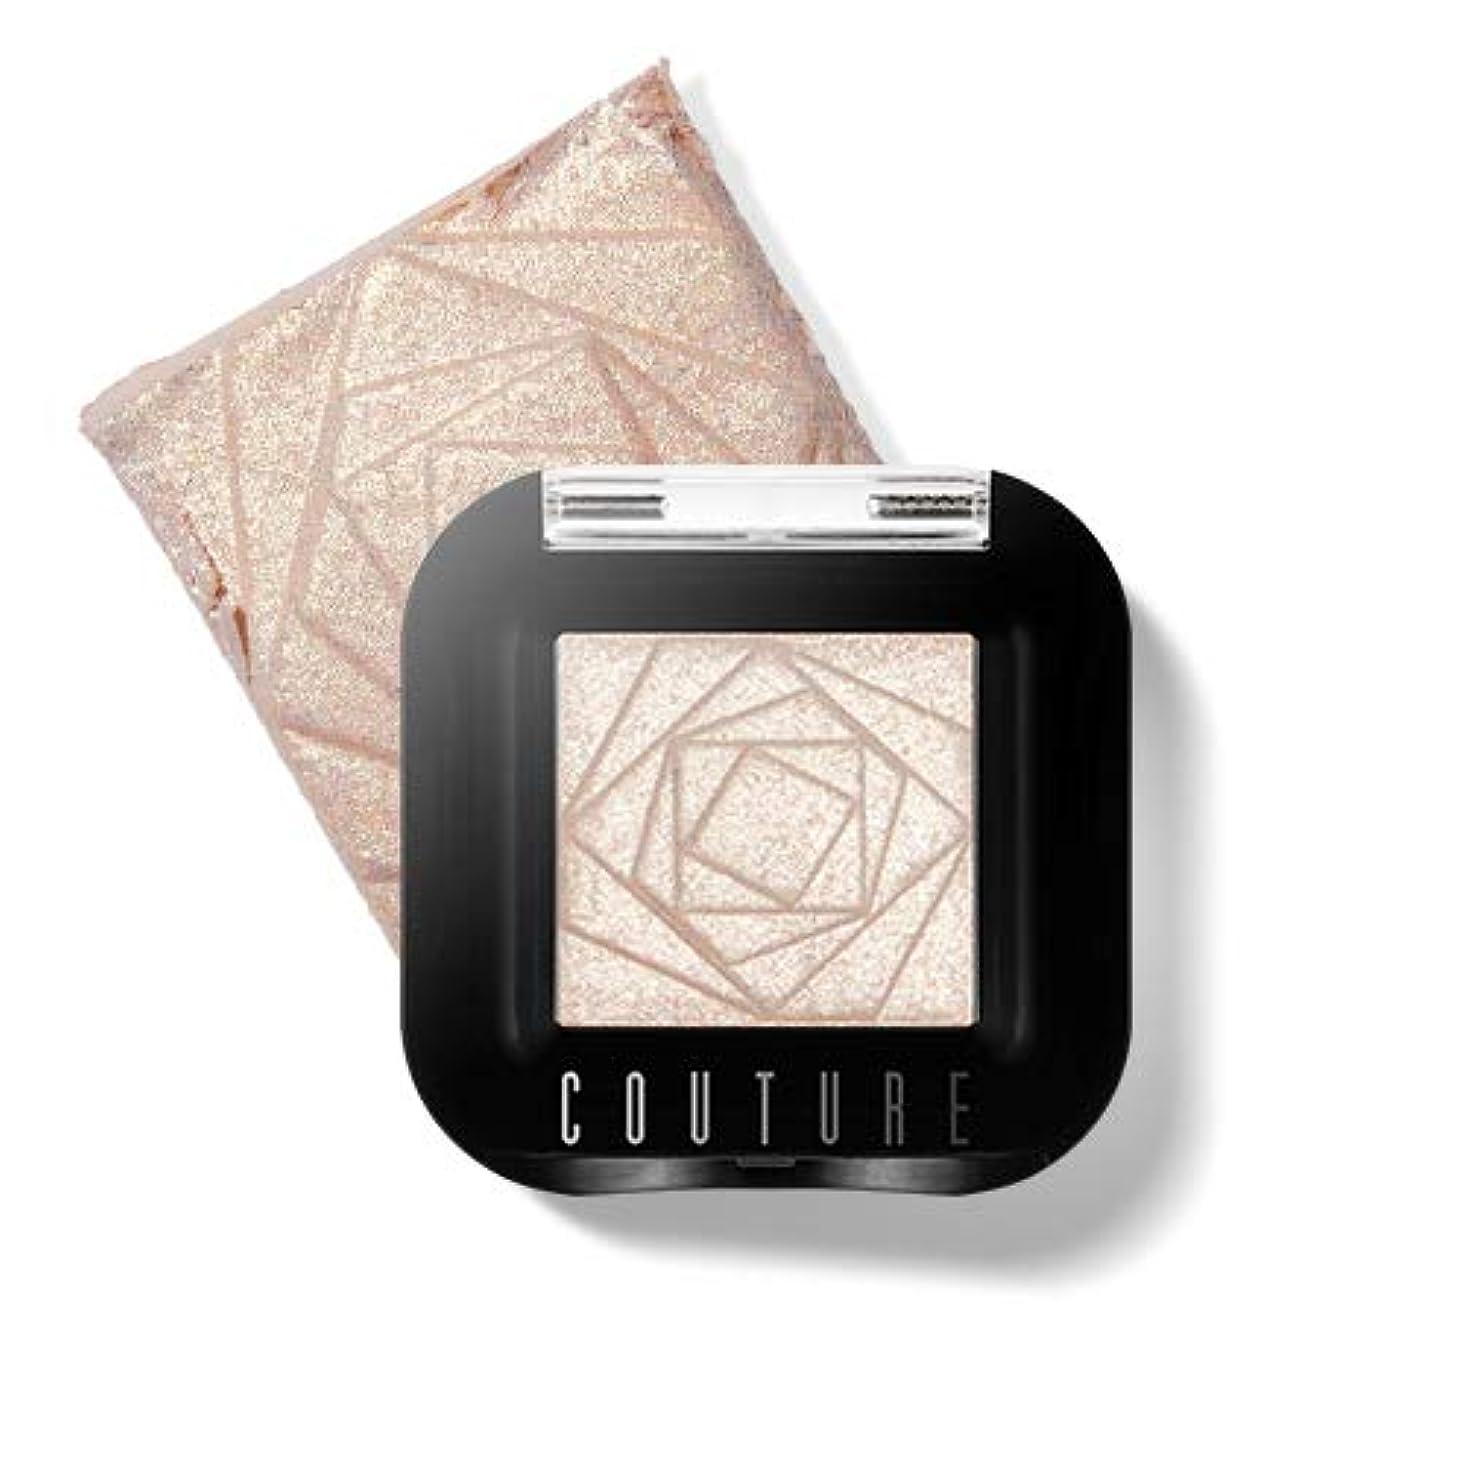 救援関税類似性APIEU Couture Shadow (# 26) /アピュ/オピュ クチュールシャドウ 1.7g [並行輸入品]